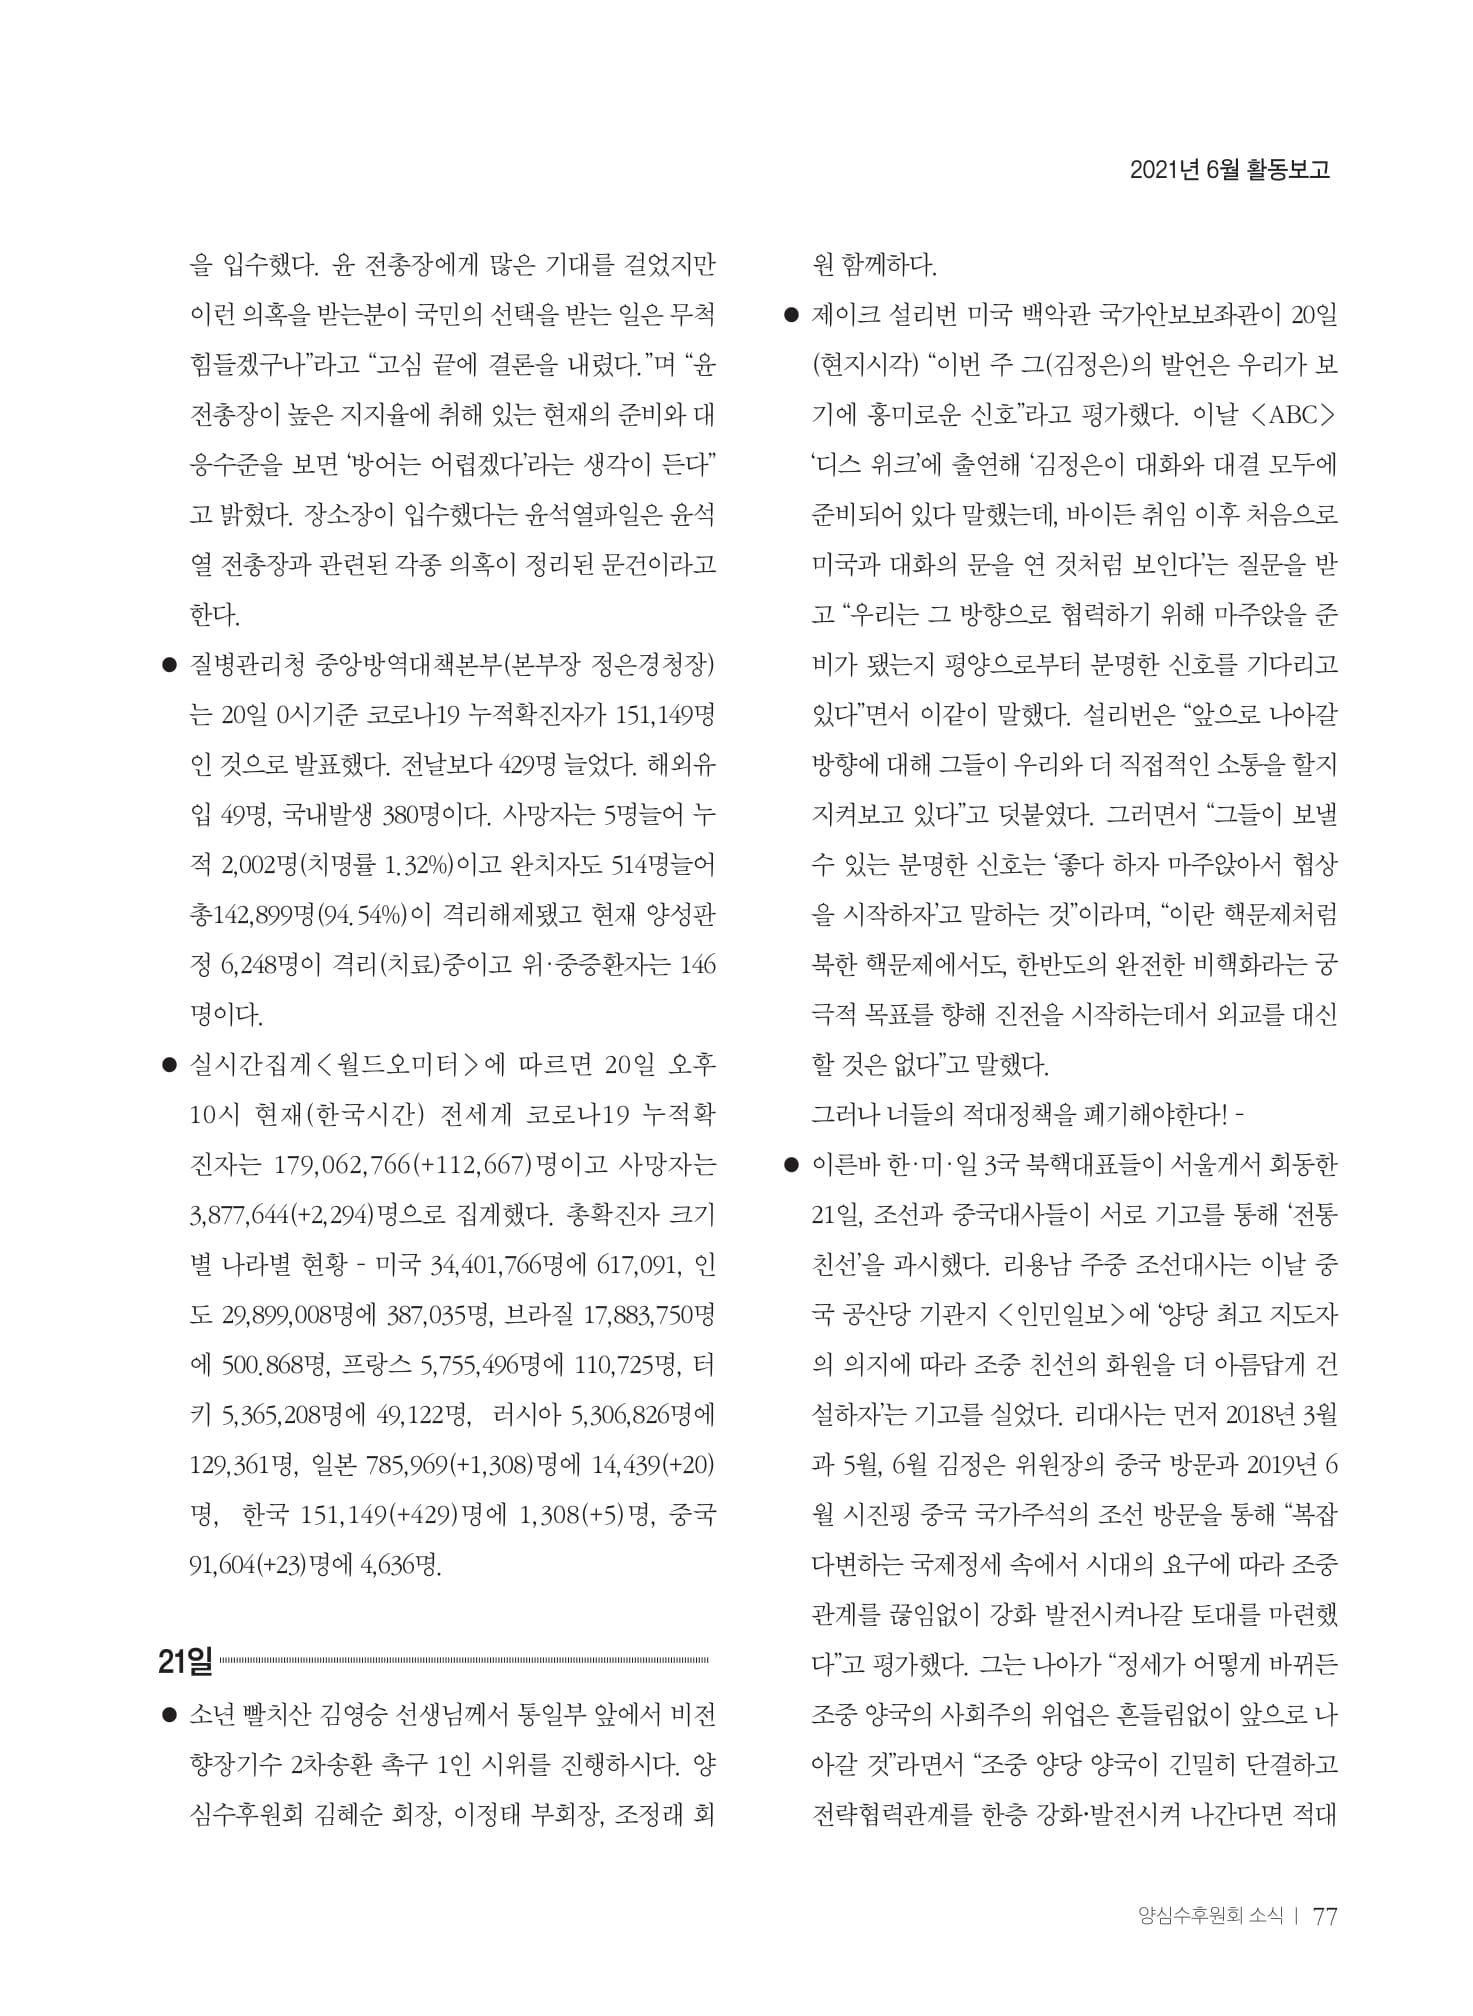 [양심수후원회] 소식지 354호 web 수정-79.jpg